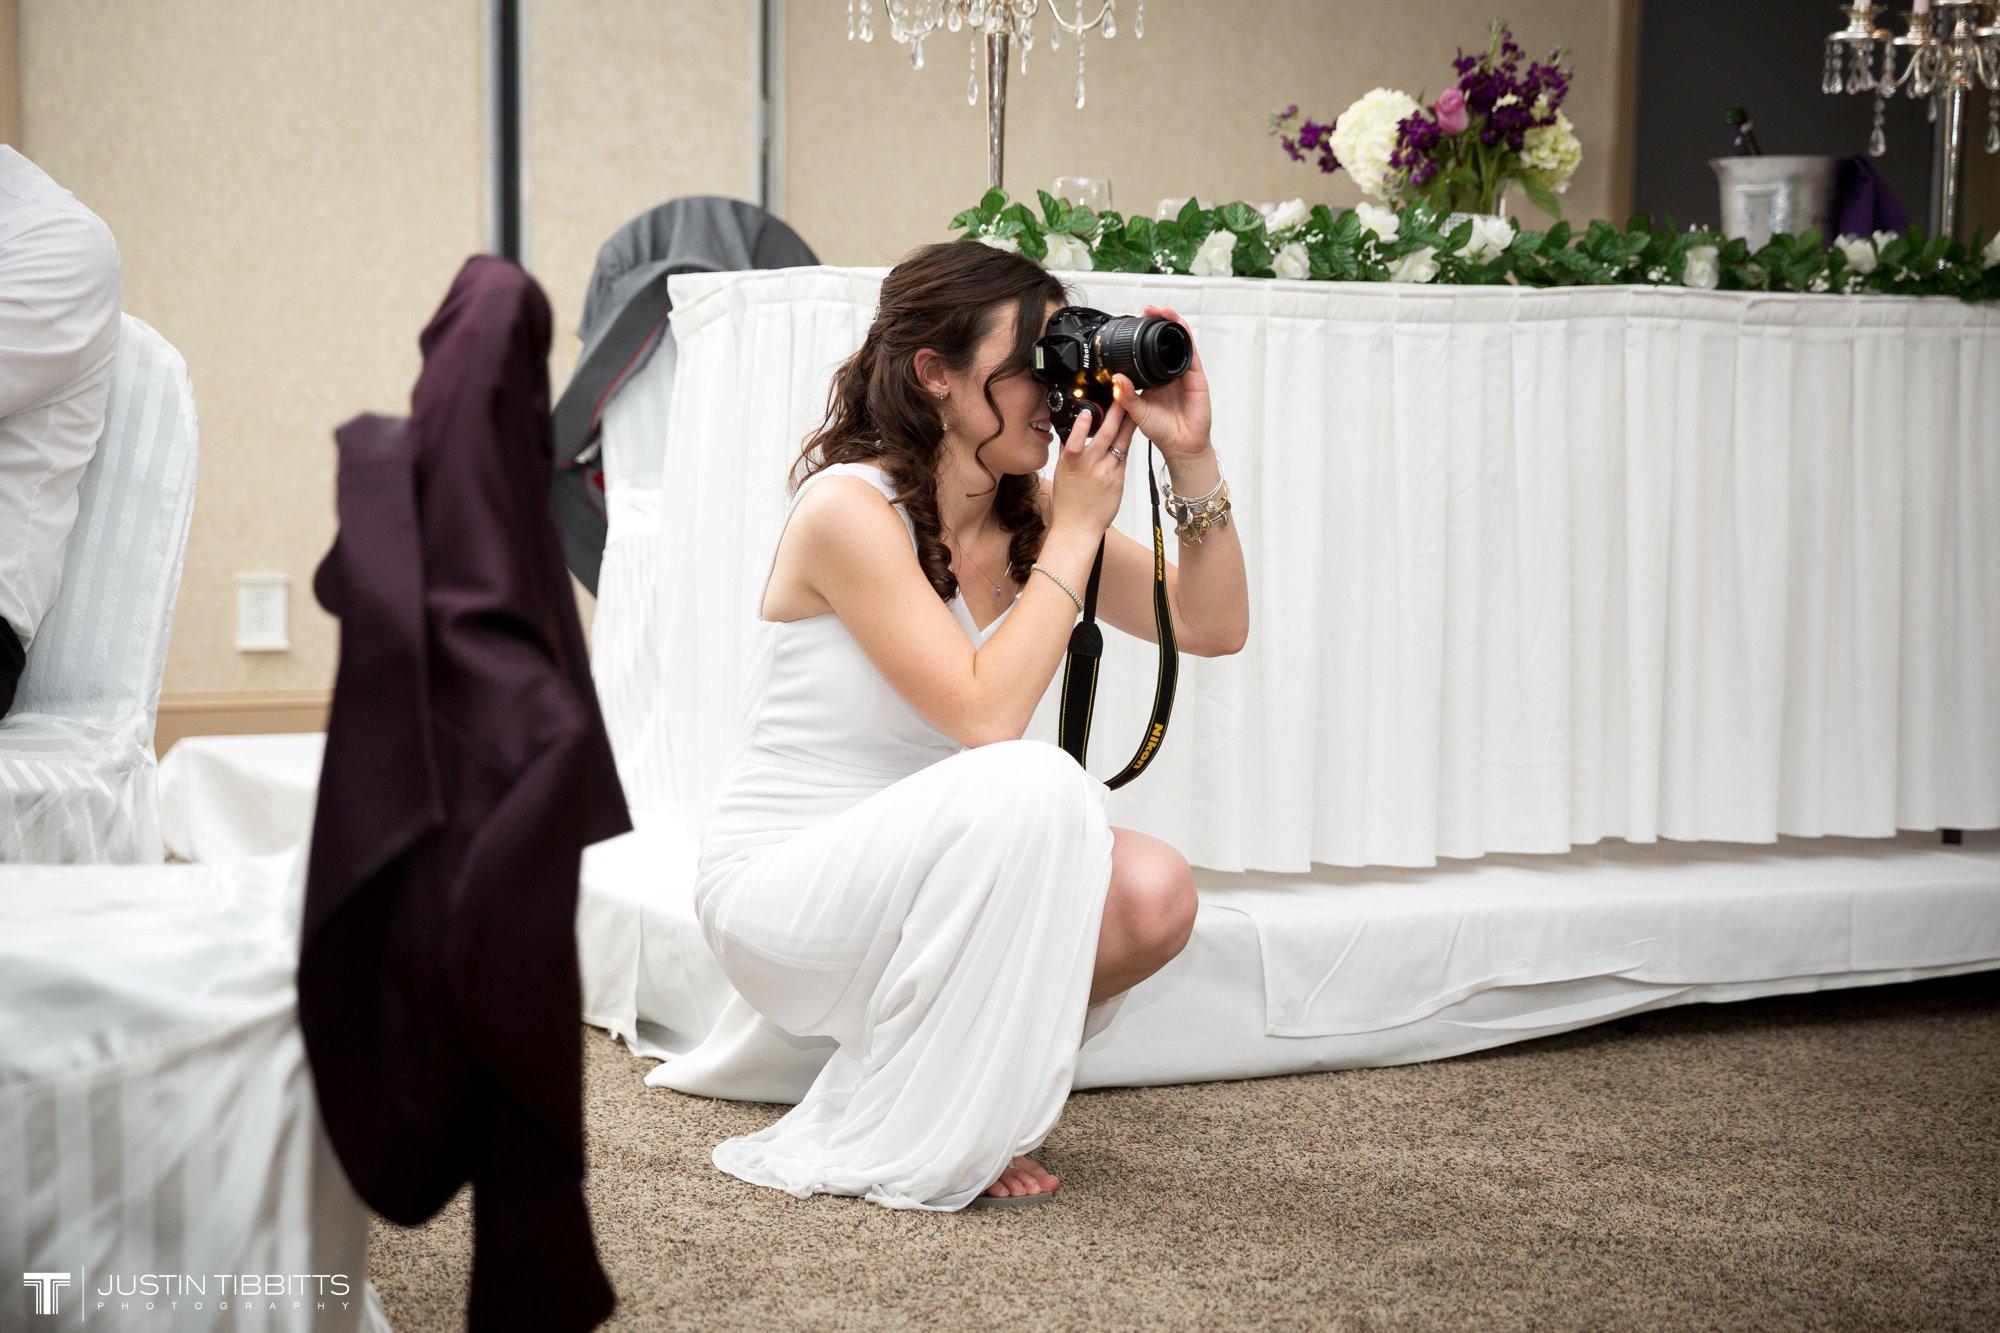 Albany NY Wedding Photographer Justin Tibbitts Photography Albany NY Best of Weddings5Albany NY Wedding Photographer Justin Tibbitts Photography Albany NY Best of Weddings17